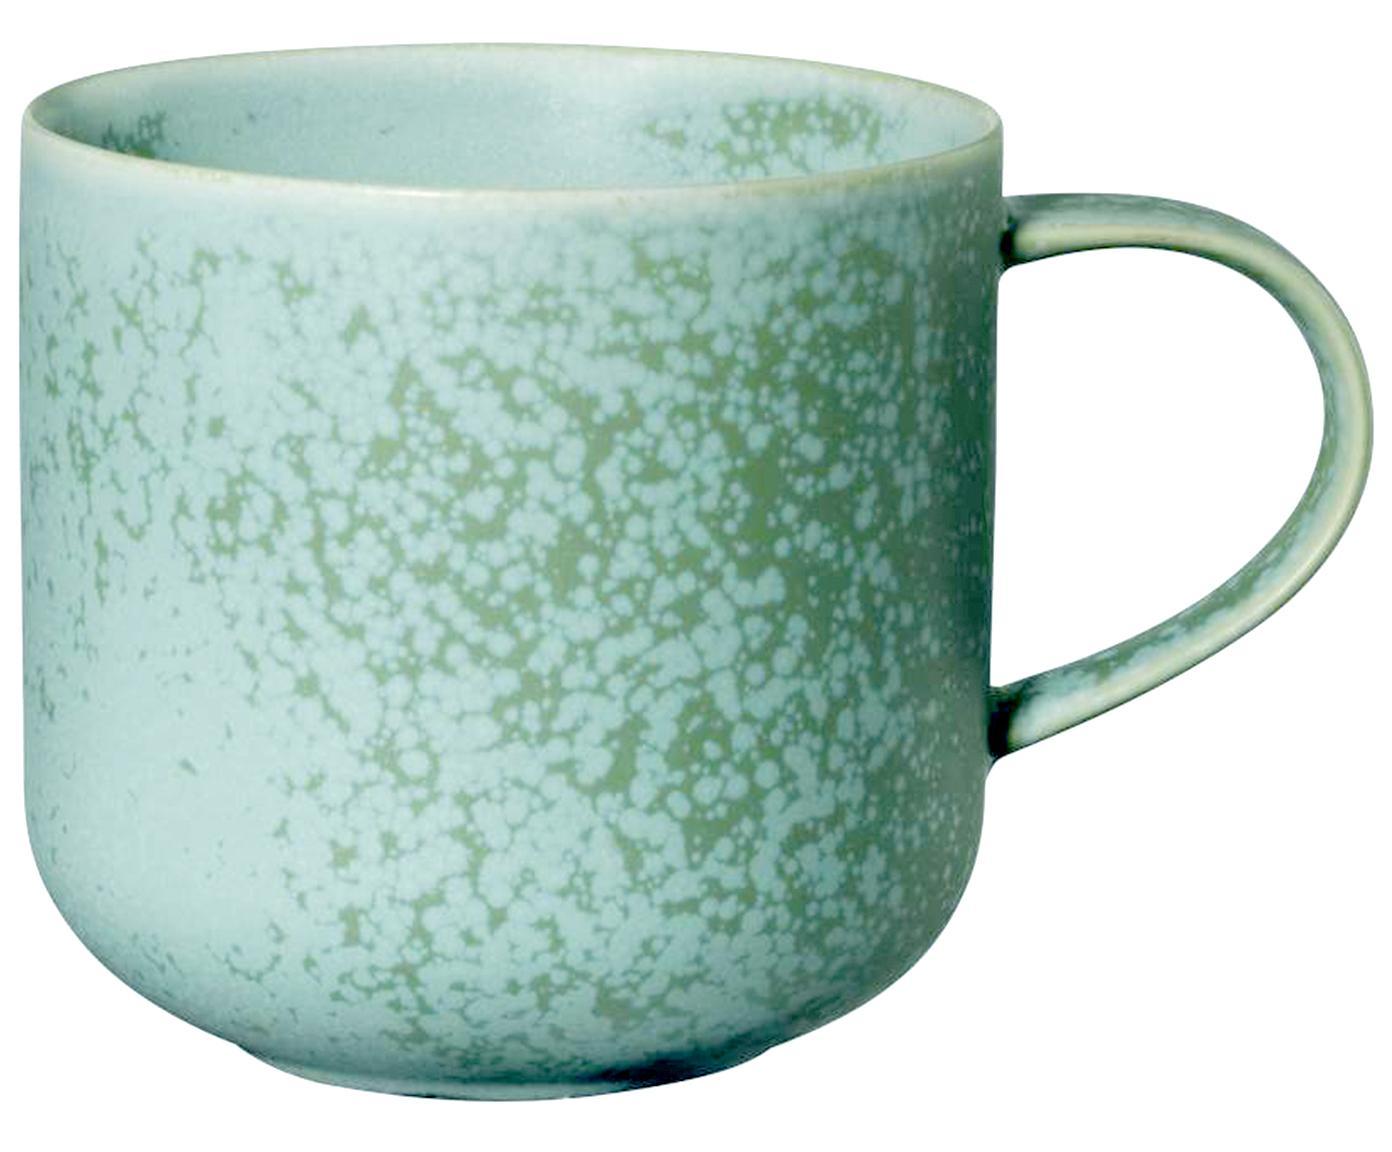 Handgemachte Tassen Coppa in Mintgrün gesprenkelt, 2 Stück, Porzellan, Mintgrüntöne, 400 ml